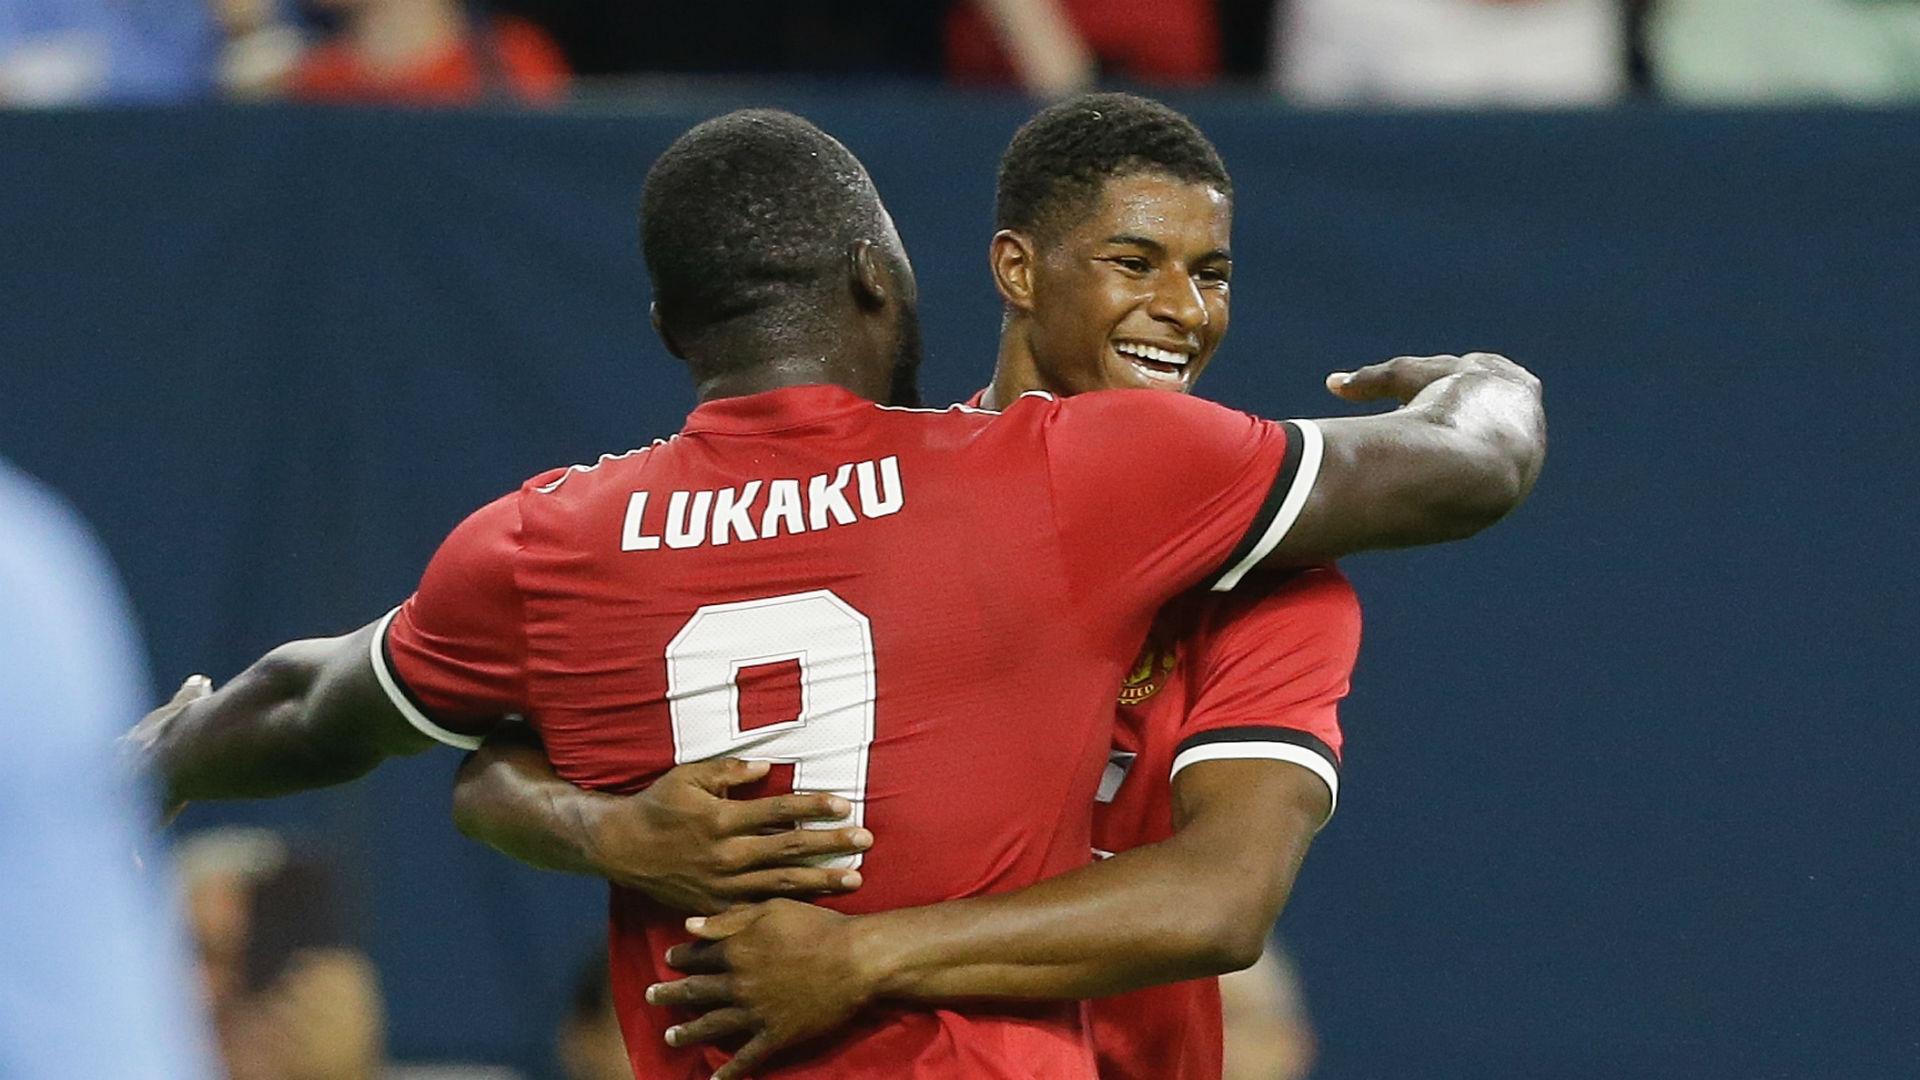 Sau 1 năm, Mourinho đã sẵn sàng làm nhục Liverpool - Ảnh 2.